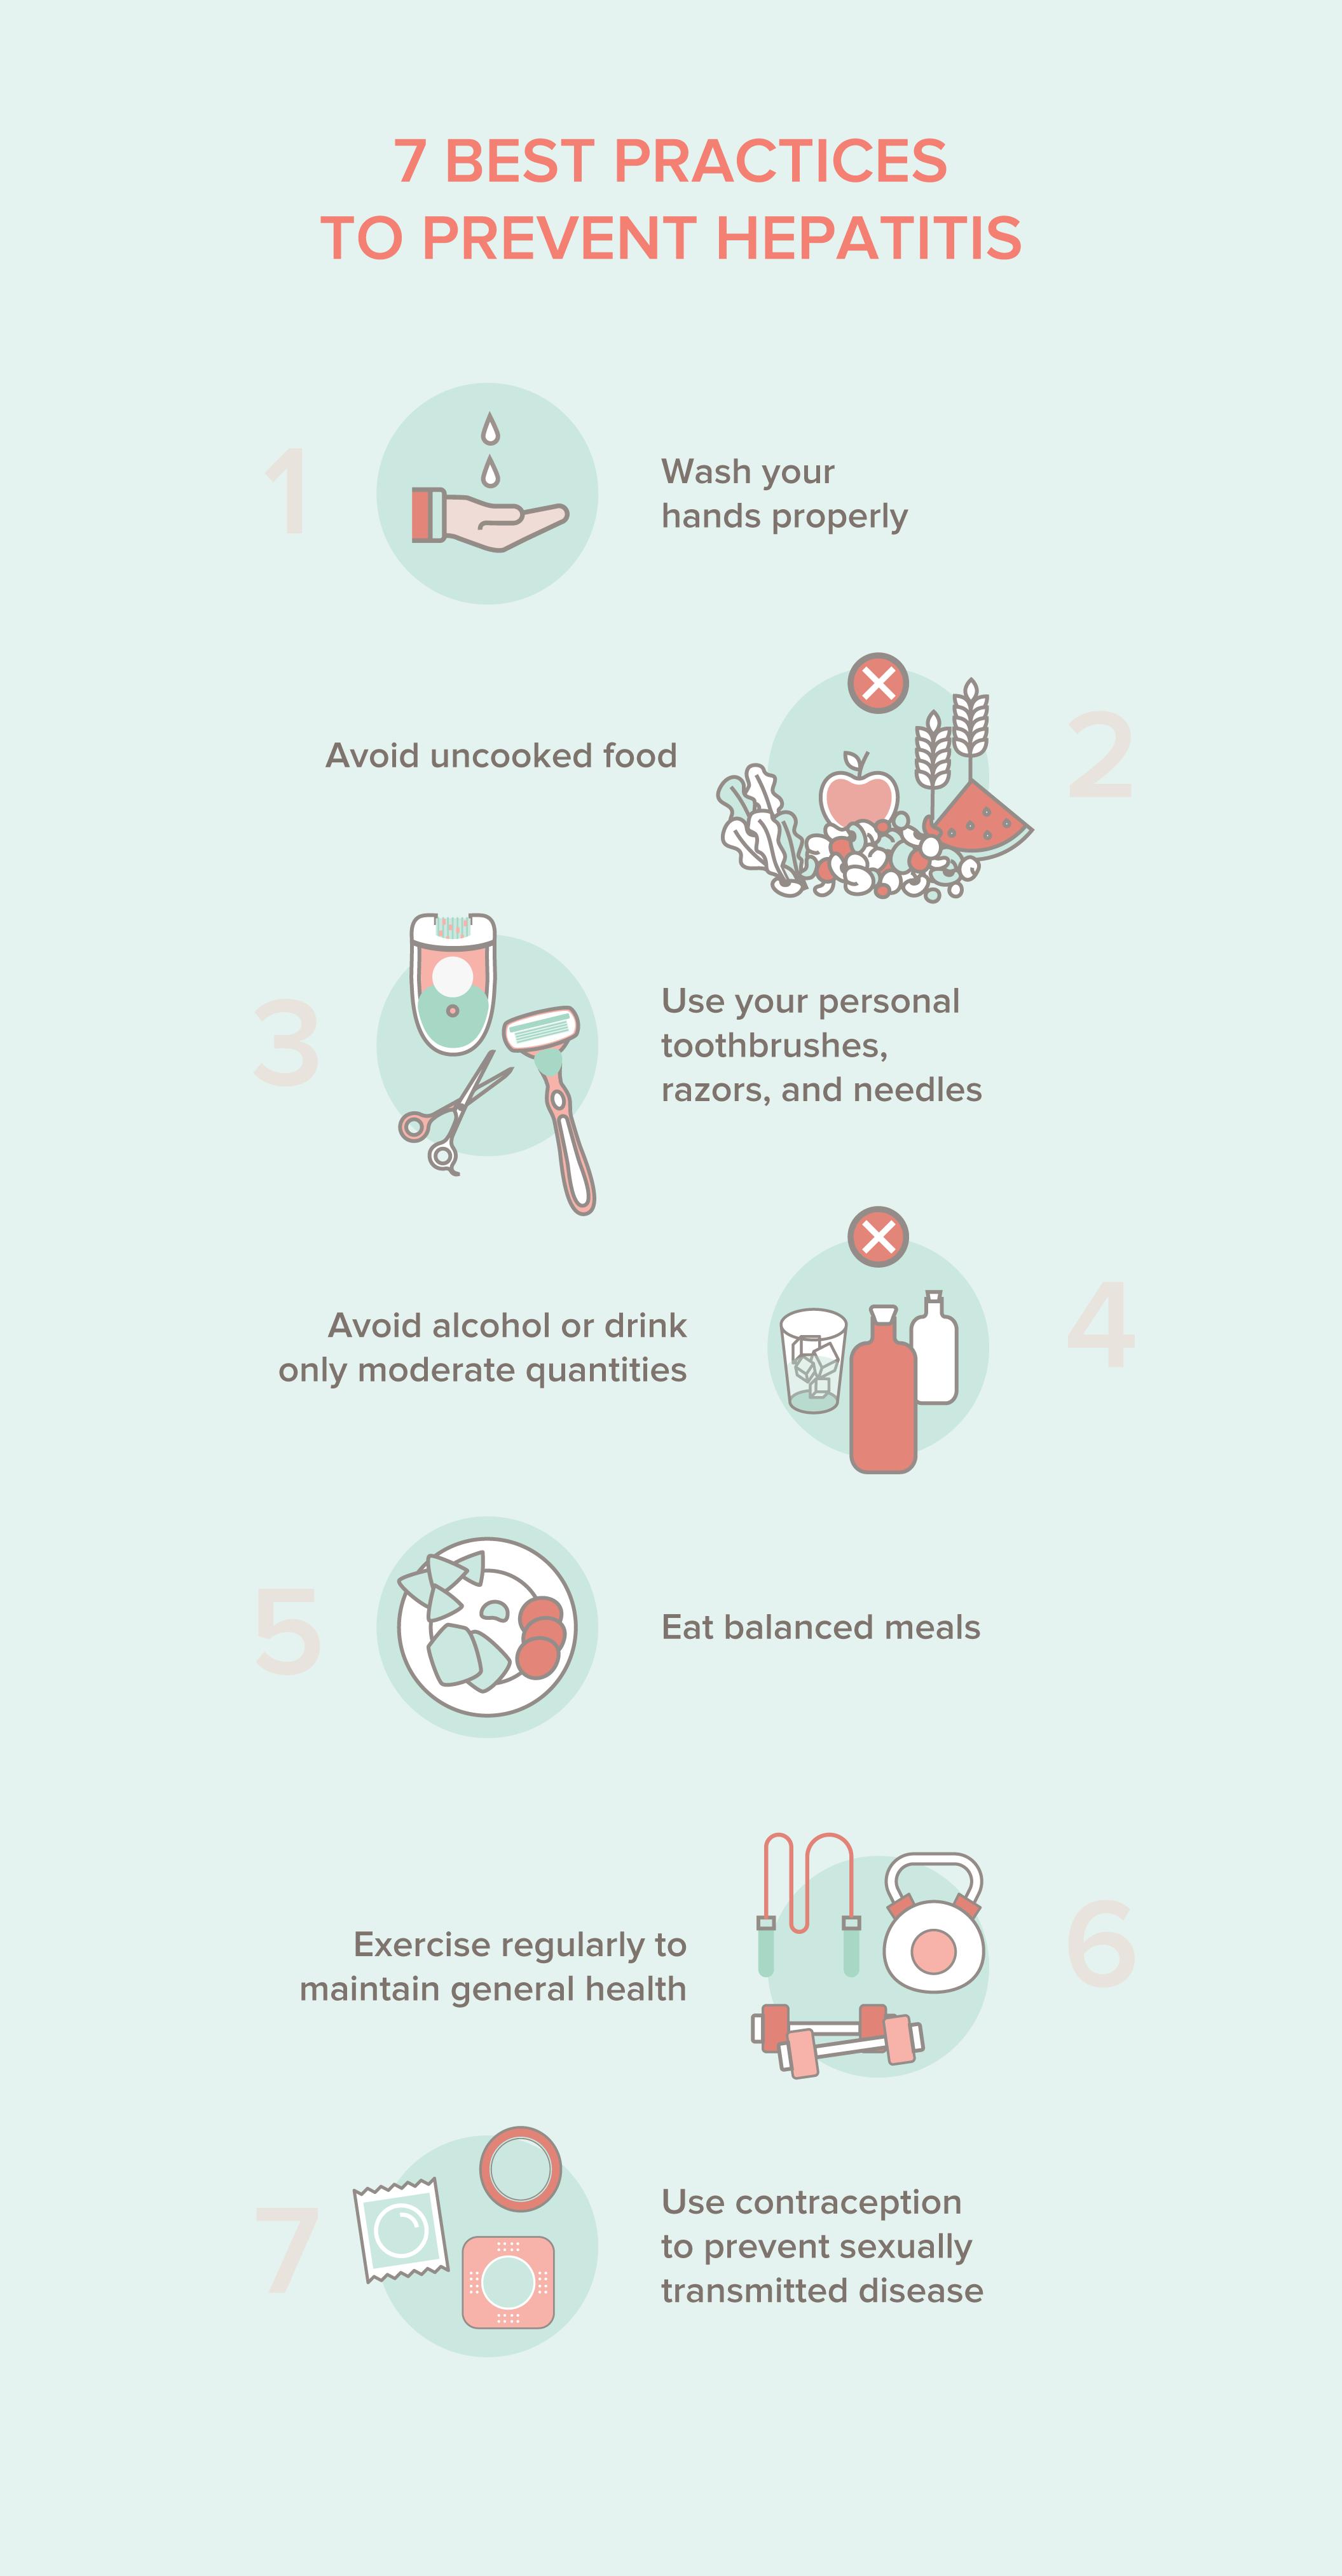 7 Best Practices to Prevent Hepatitis